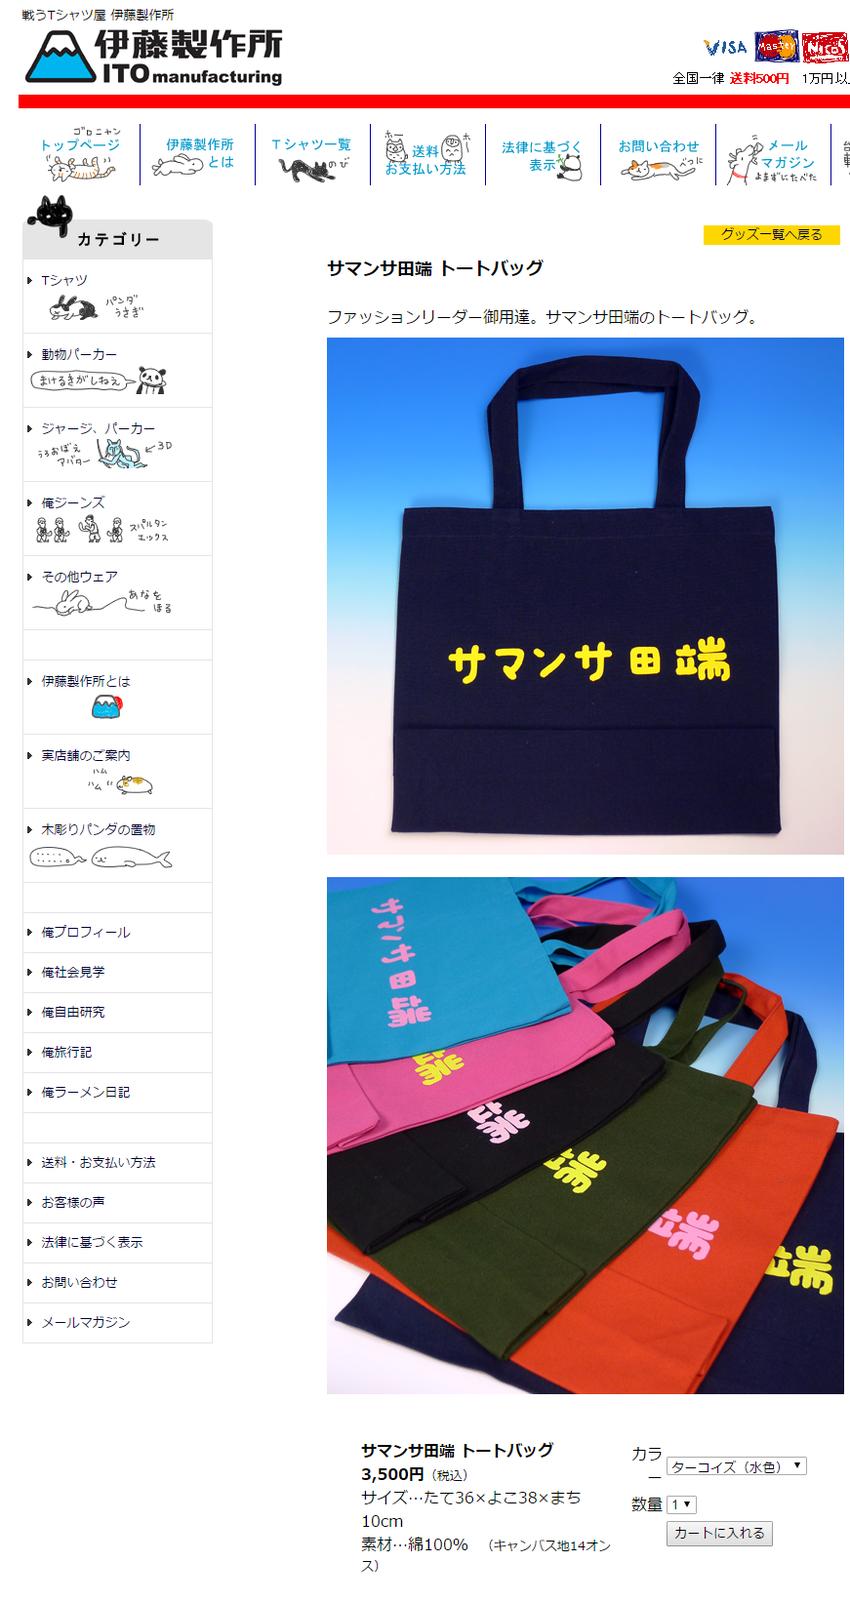 サマンサ田端トートバッグ:戦うTシャツ屋 伊藤製作所